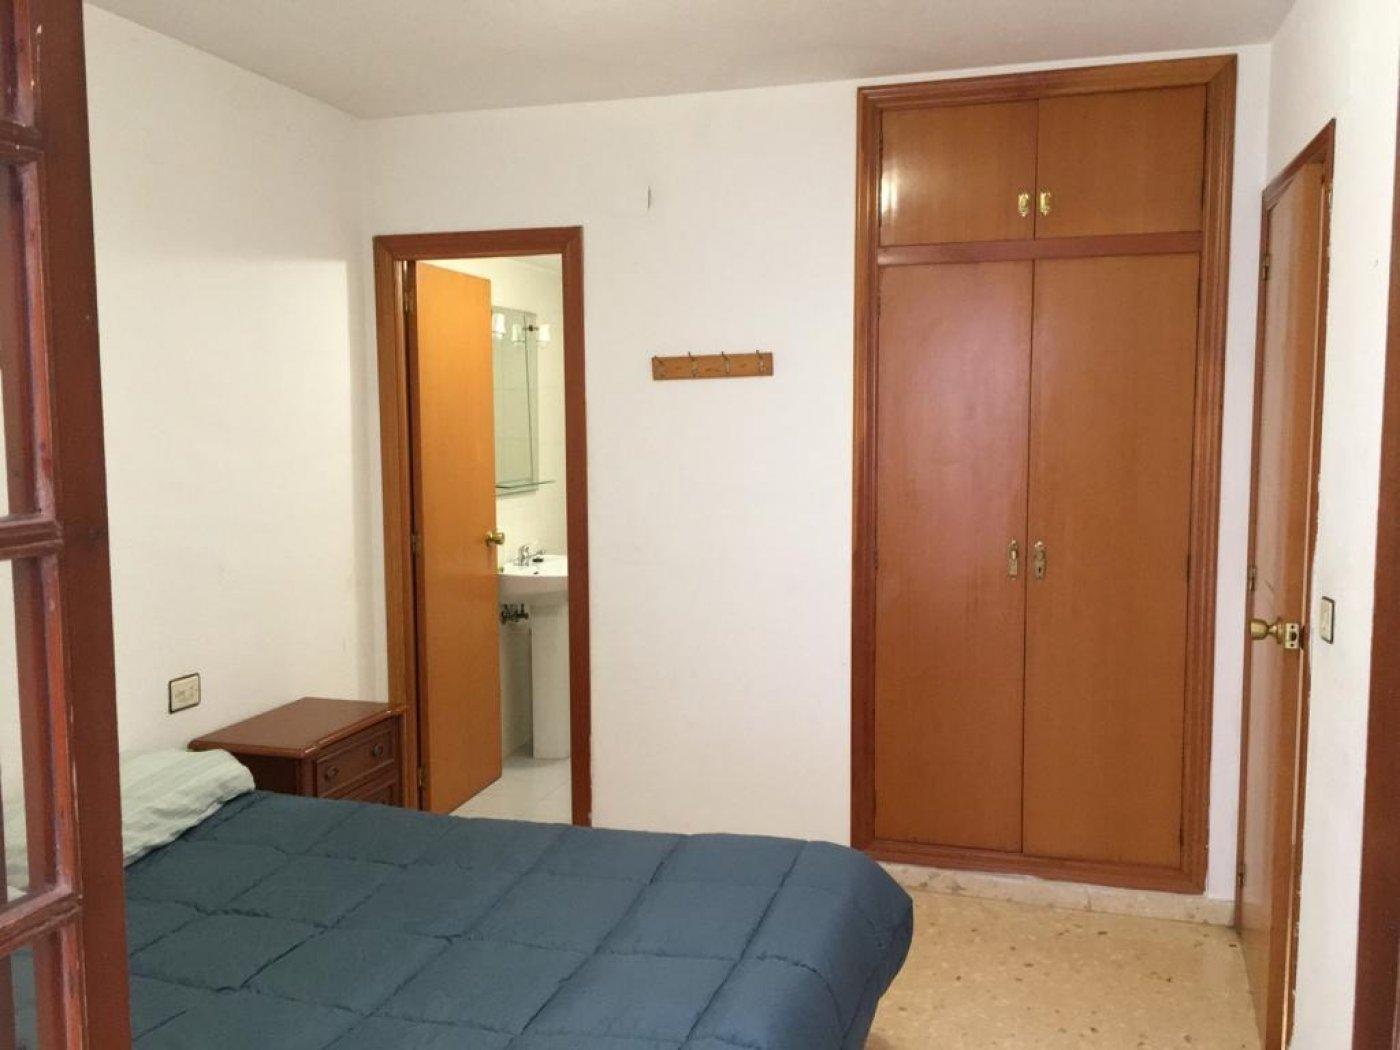 Estupendo apartamento en portsaplaya!!! - imagenInmueble11